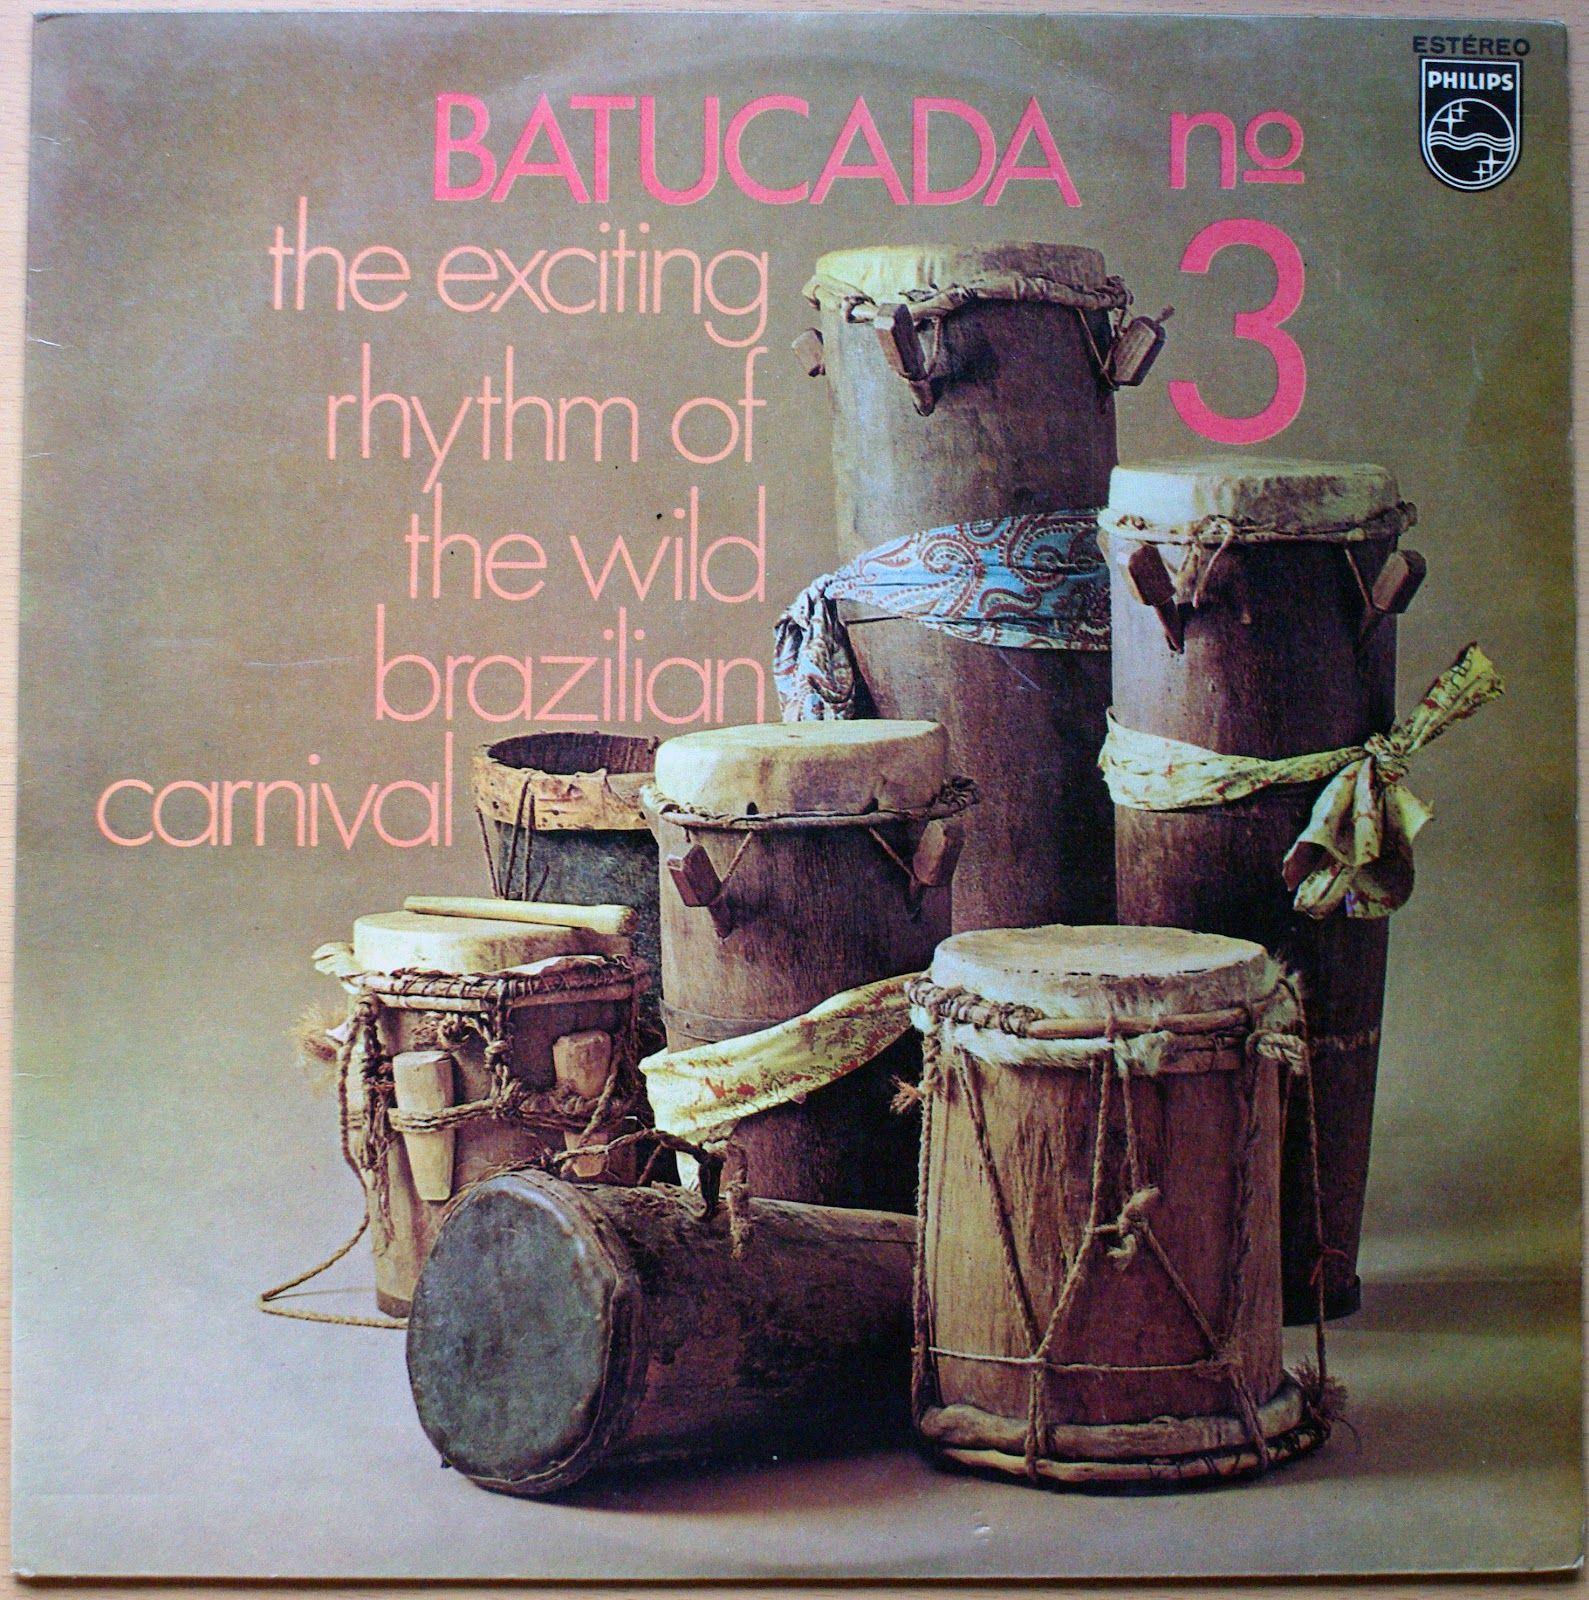 Escola De Samba Da Cidade – Batucada Nº 3 : The Exciting Rhythm Of The Wild Brazilian Carnival (Philips, 1971) | ghostcapital